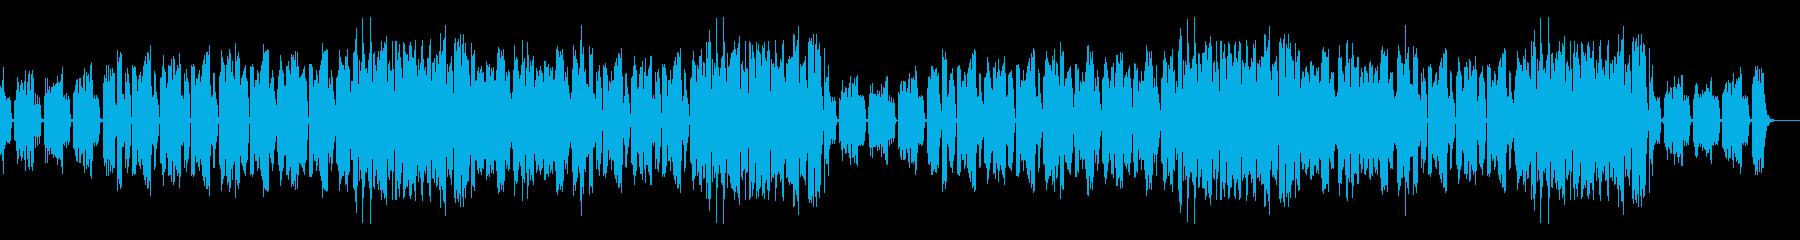 挑戦・奮起・気合/エレクトロミュージックの再生済みの波形